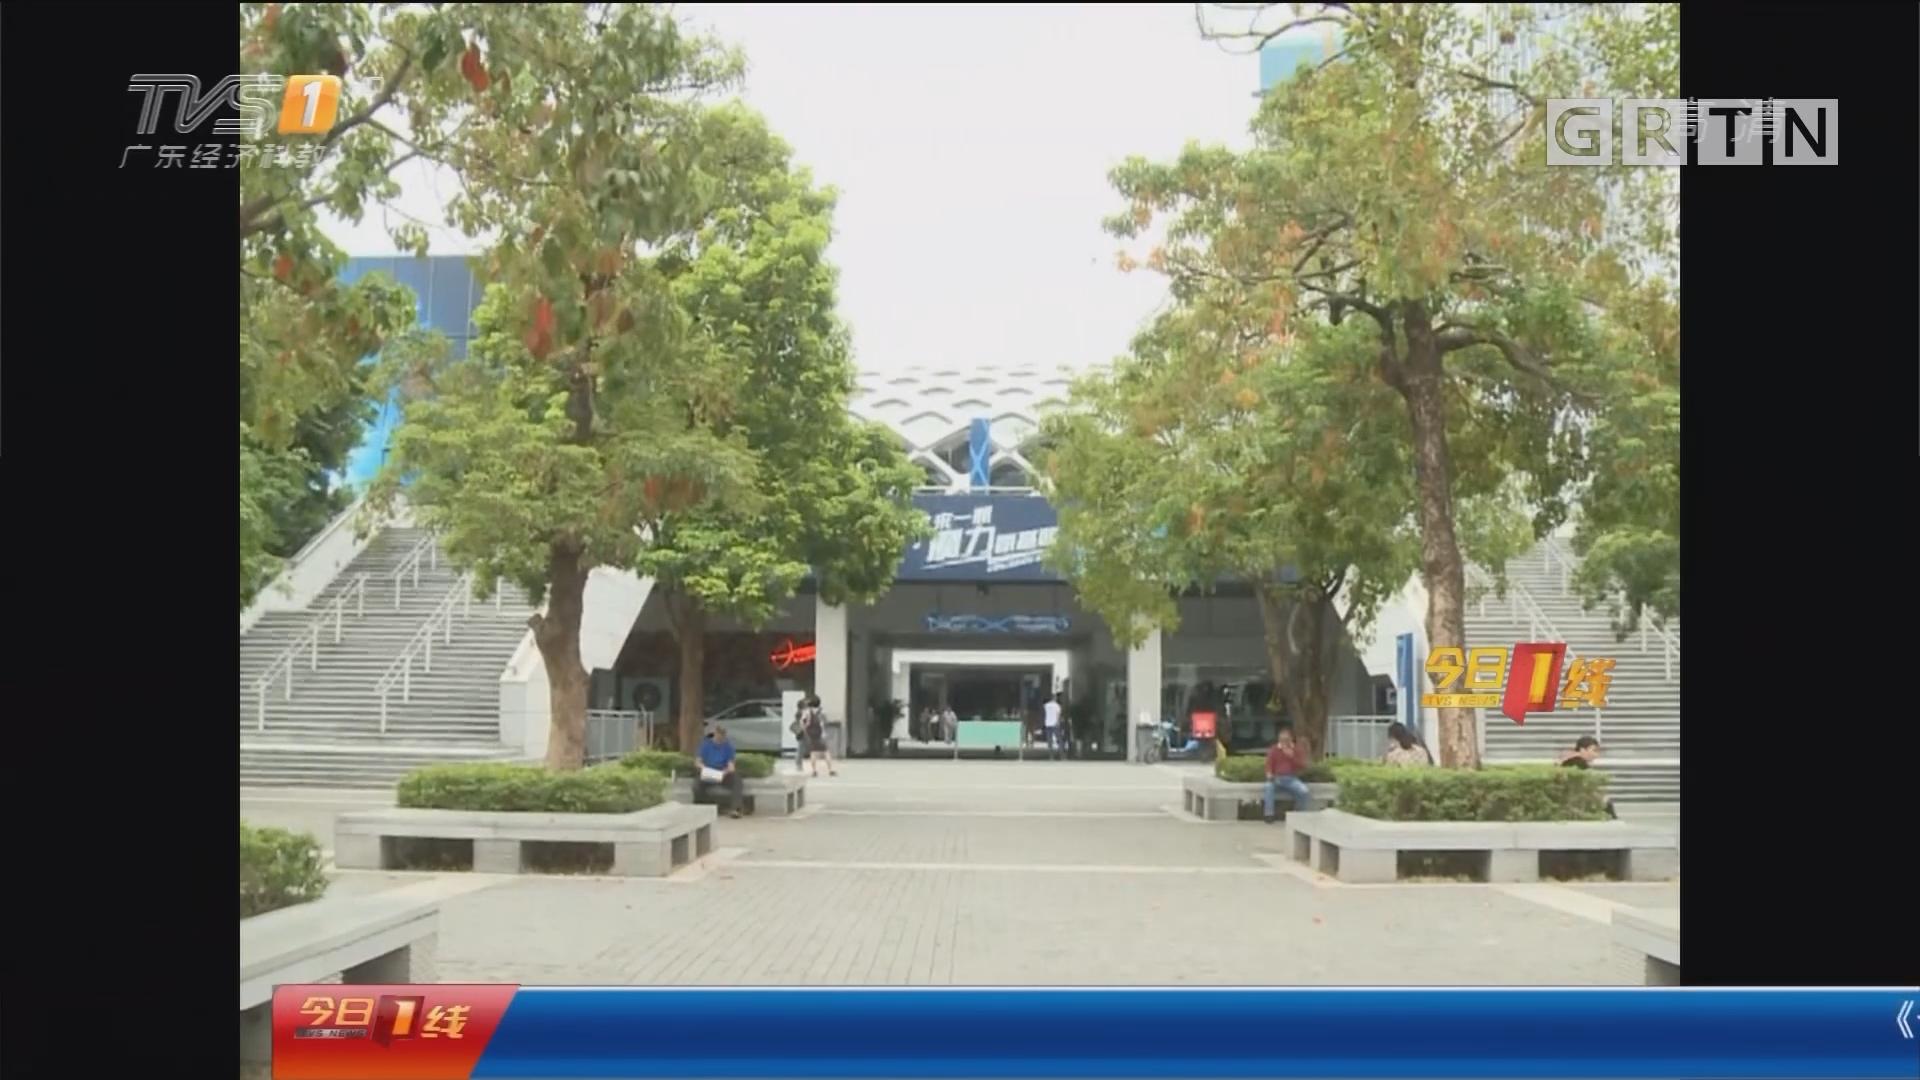 深圳湾体育馆:演唱会搭舞台起冲突?一人被捅身亡